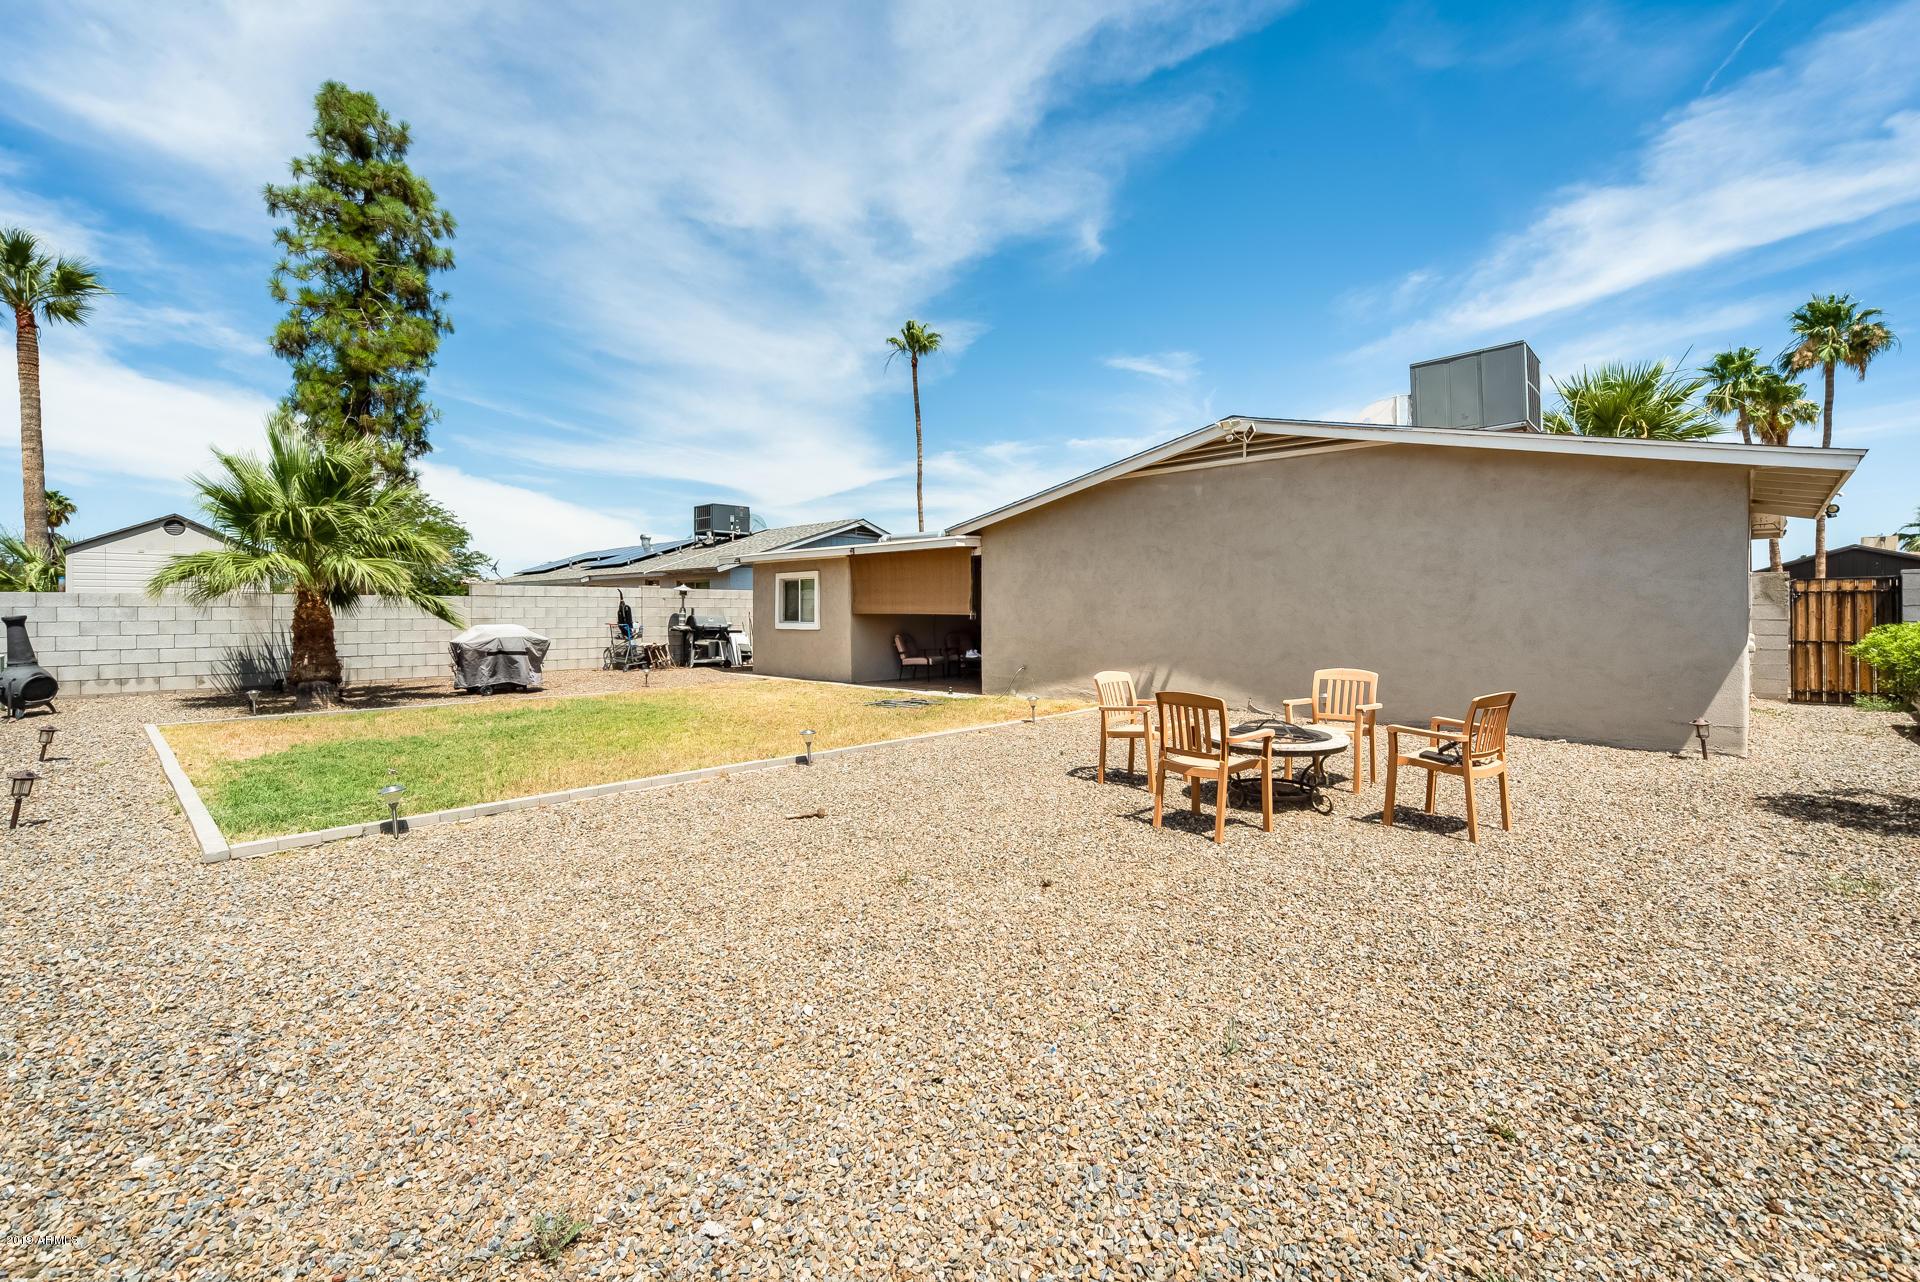 MLS 5939165 1633 W MARCO POLO Road, Phoenix, AZ 85027 Phoenix AZ Desert Valley Estates